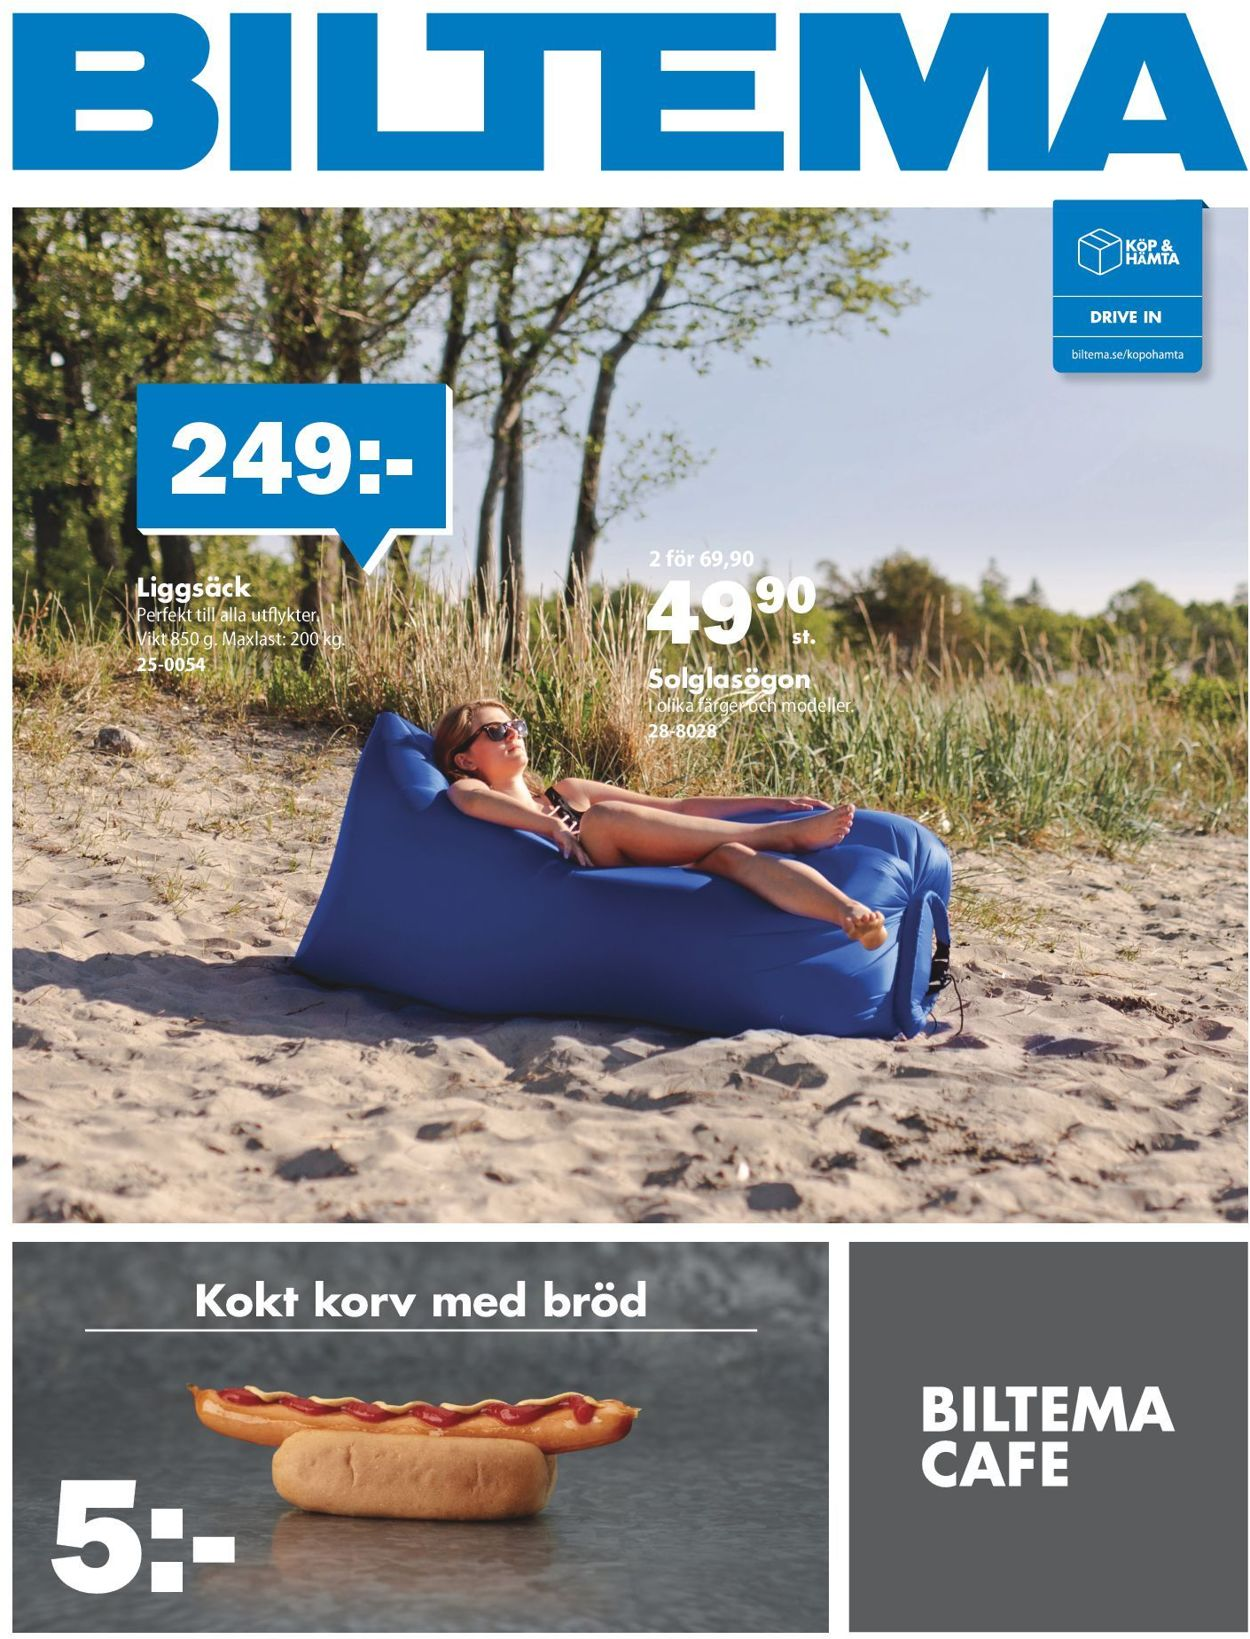 Reklamblad Biltema från 13/07-2020